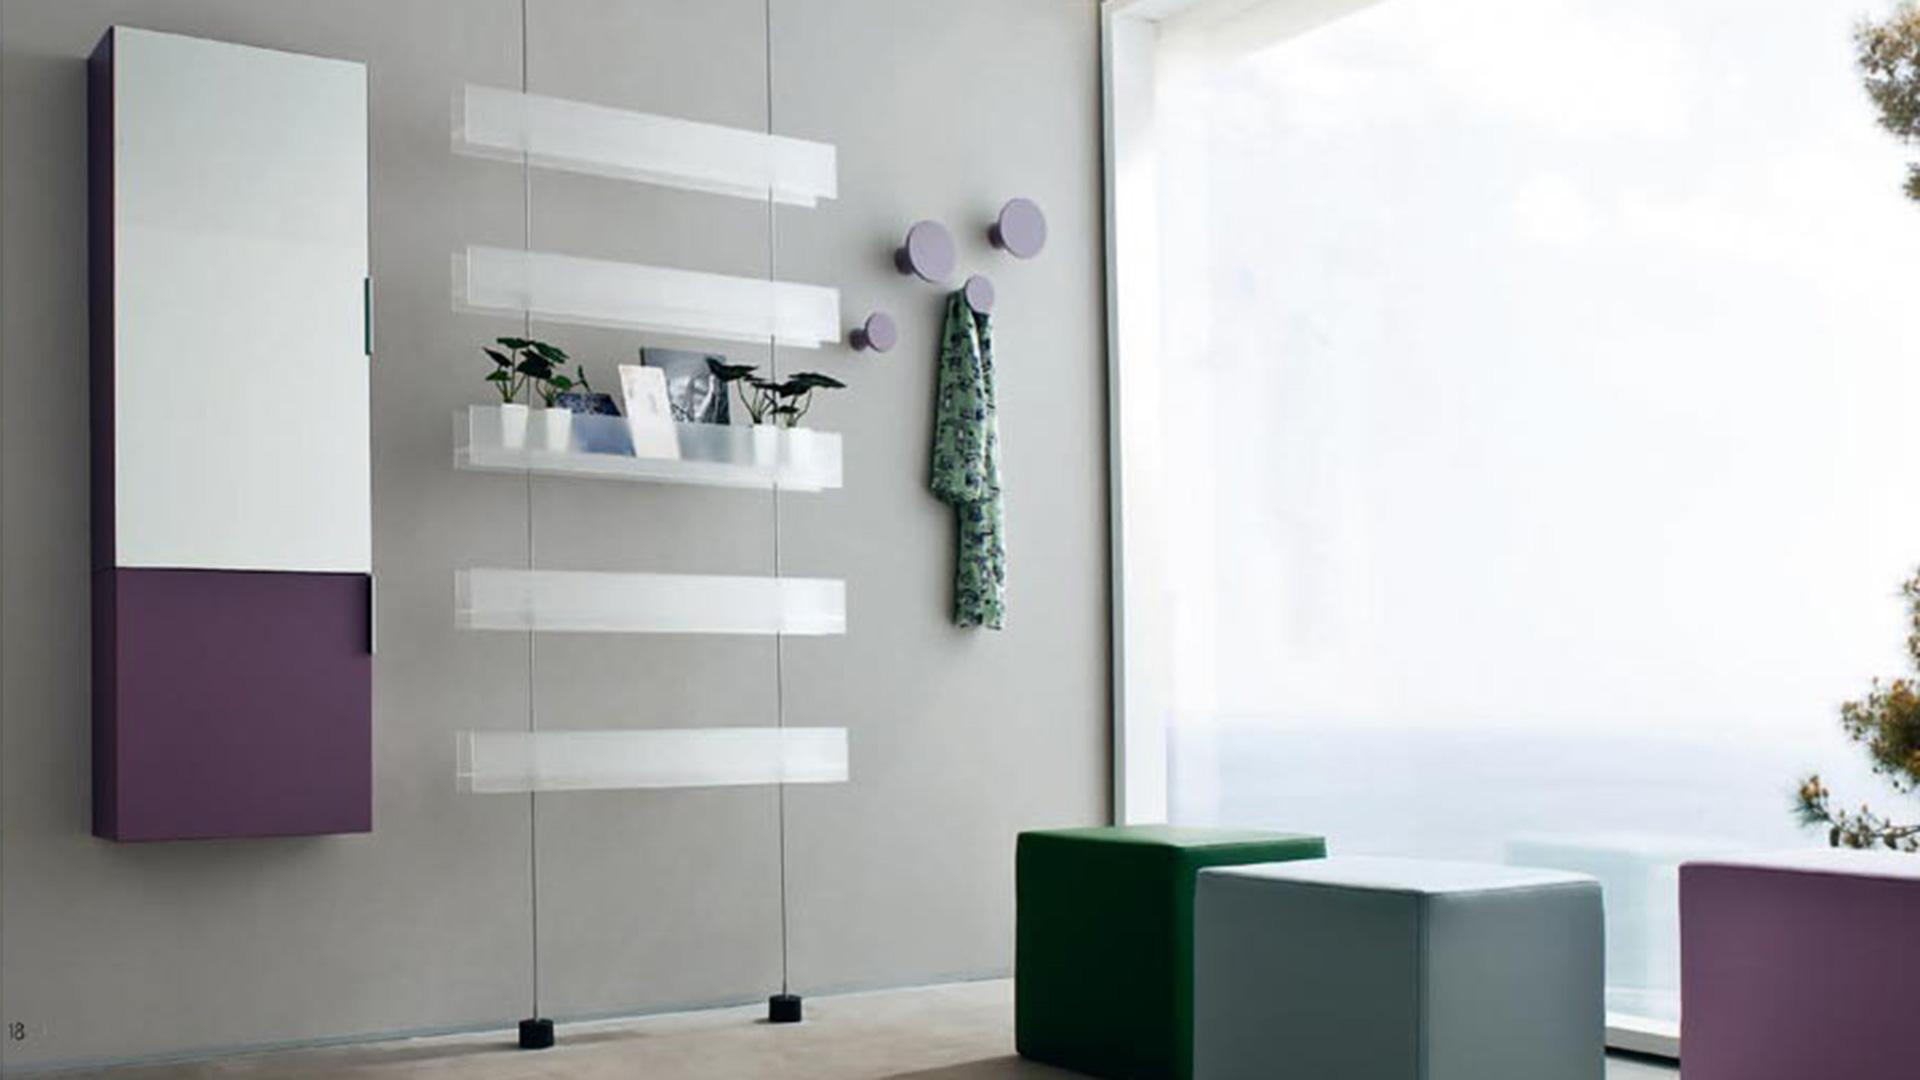 Arredamenti e idee per la casa arredamenti e forniture for Ingresso casa moderno